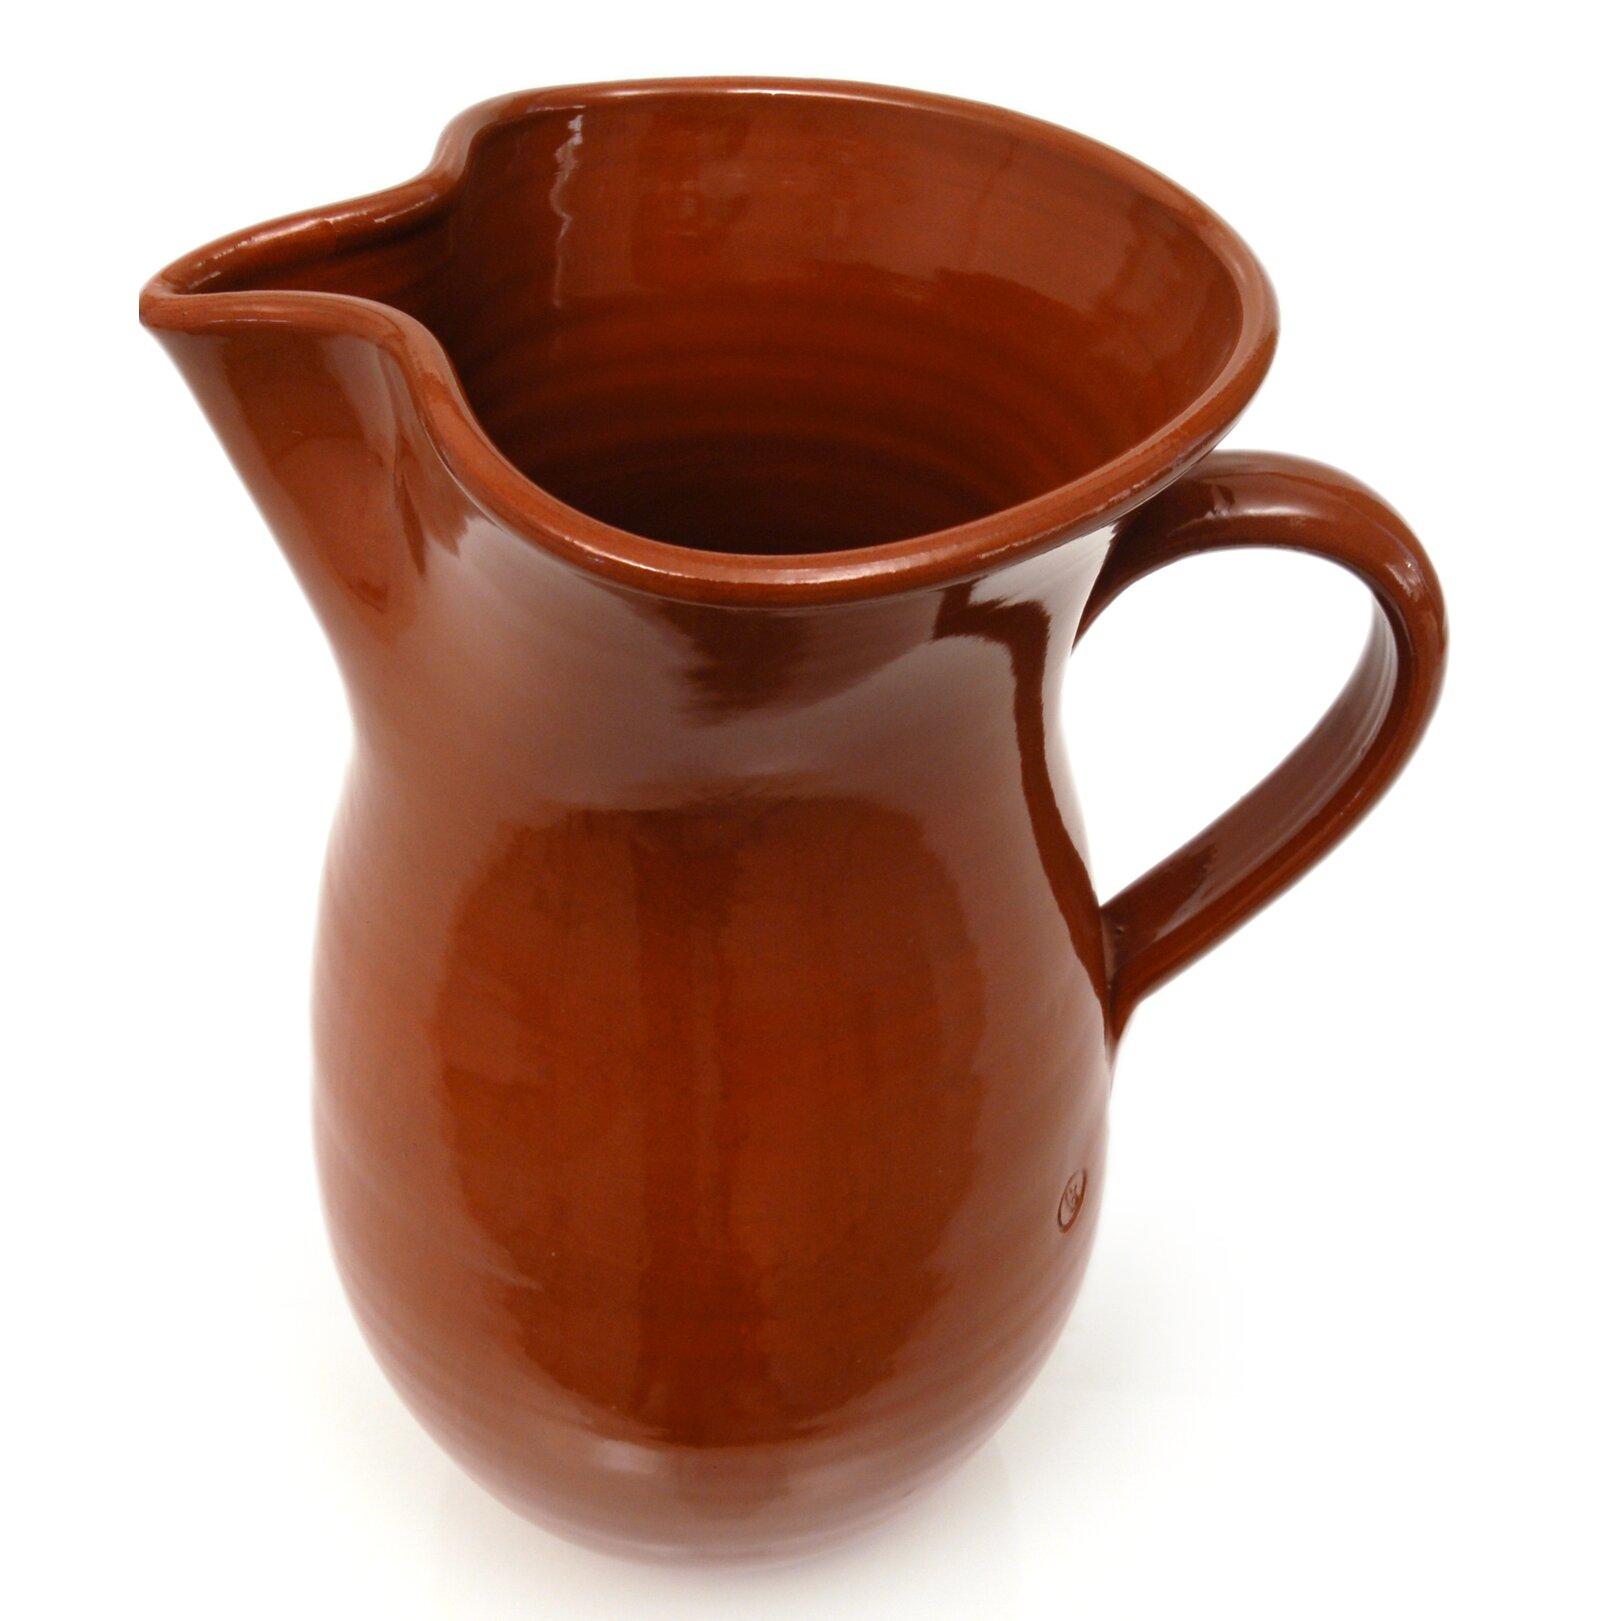 Graupera Pottery Artisans Classic Sangria Pitcher Wayfair